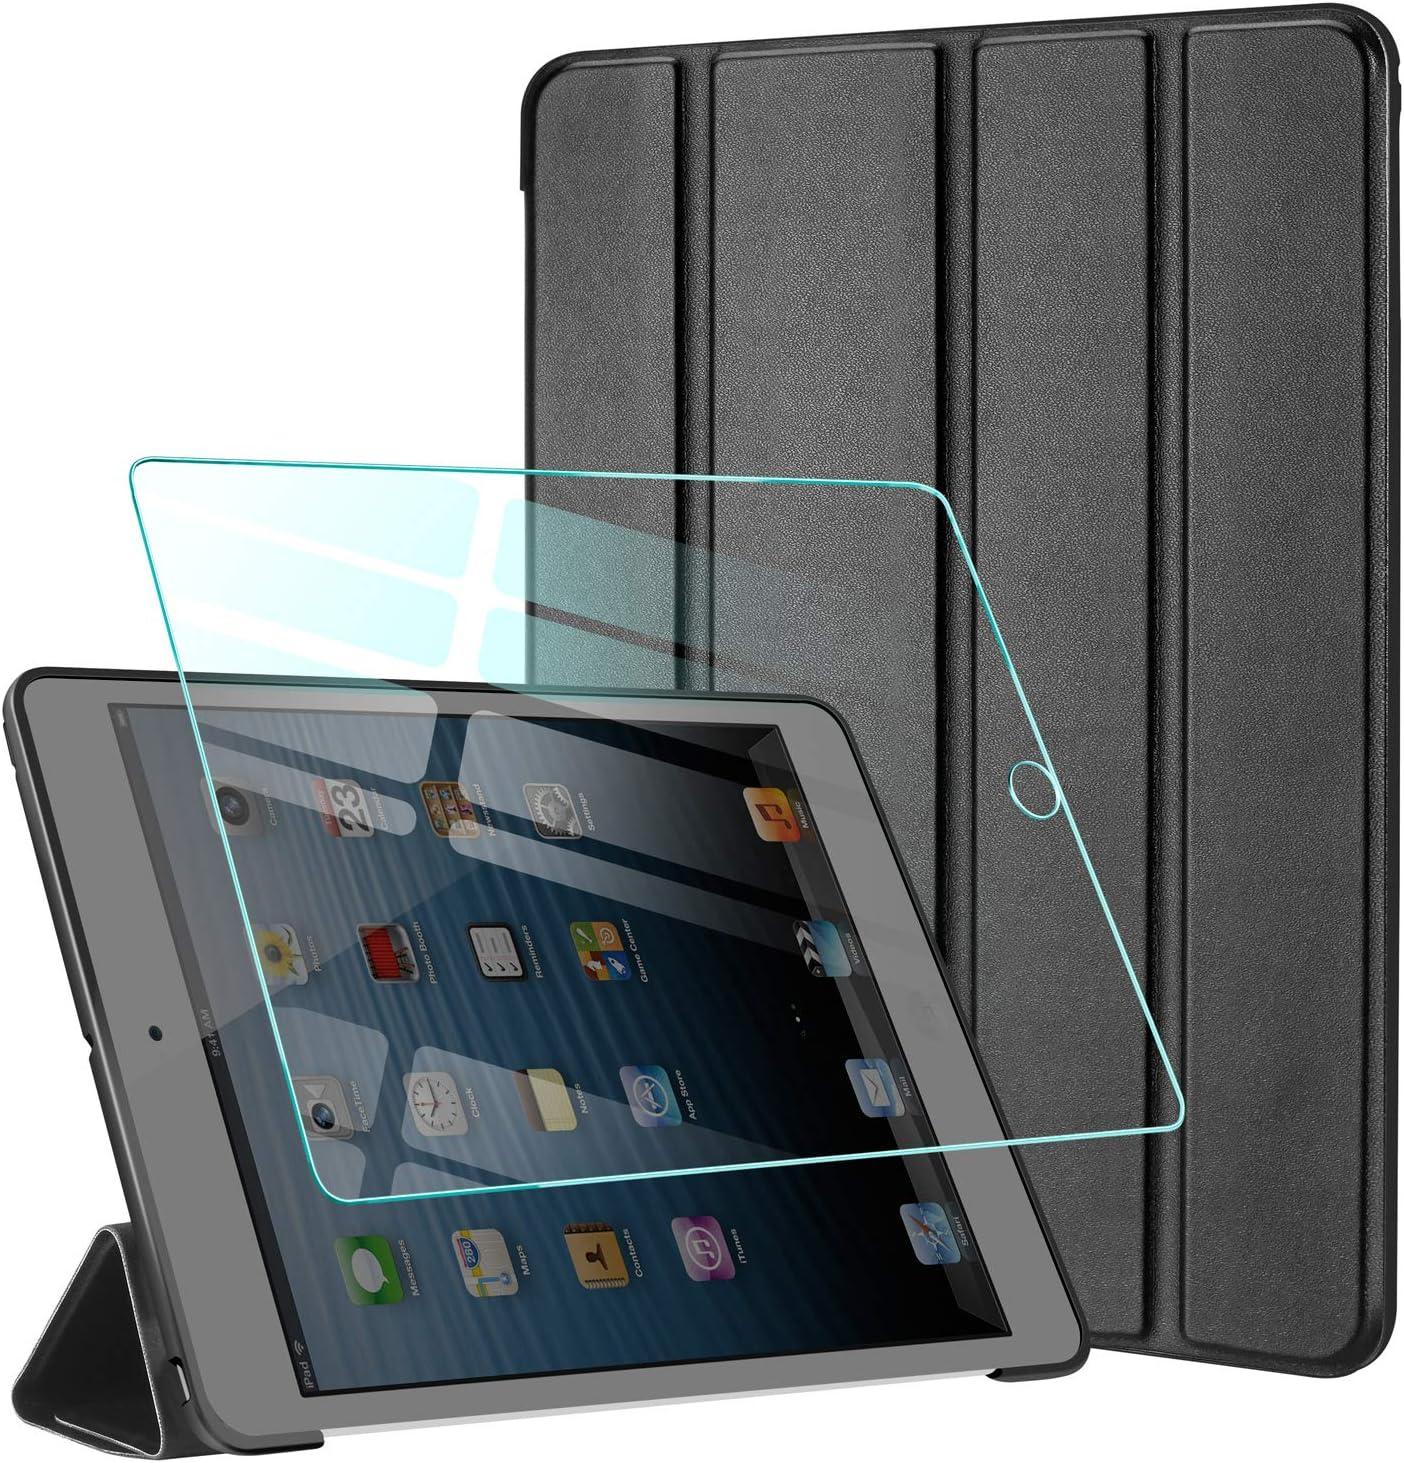 AROYI Funda Compatible con iPad 2 / iPad 3 / iPad 4 y Protector Pantalla, Carcasa Silicona Smart Cover con Soporte Función Auto Sueño Estela